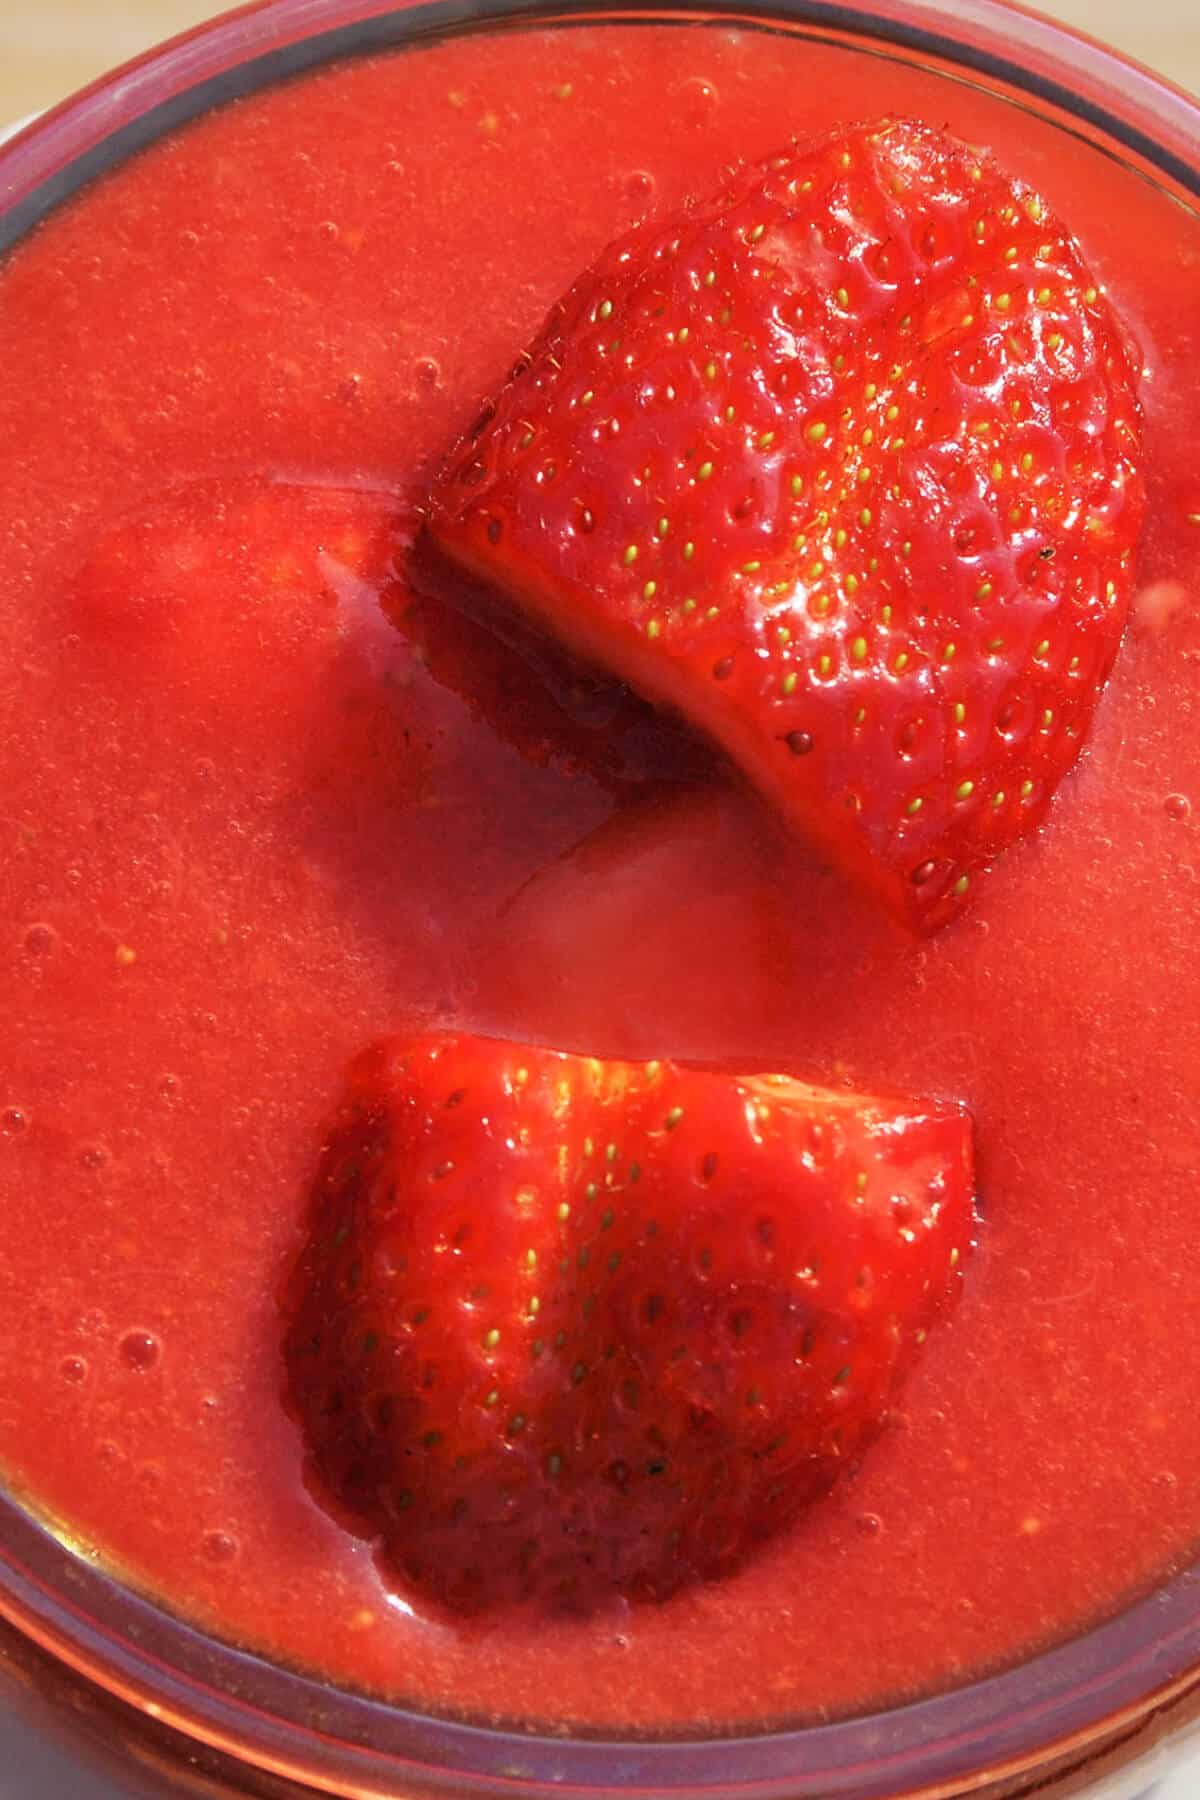 süßes obst ohne kohlenhydrate